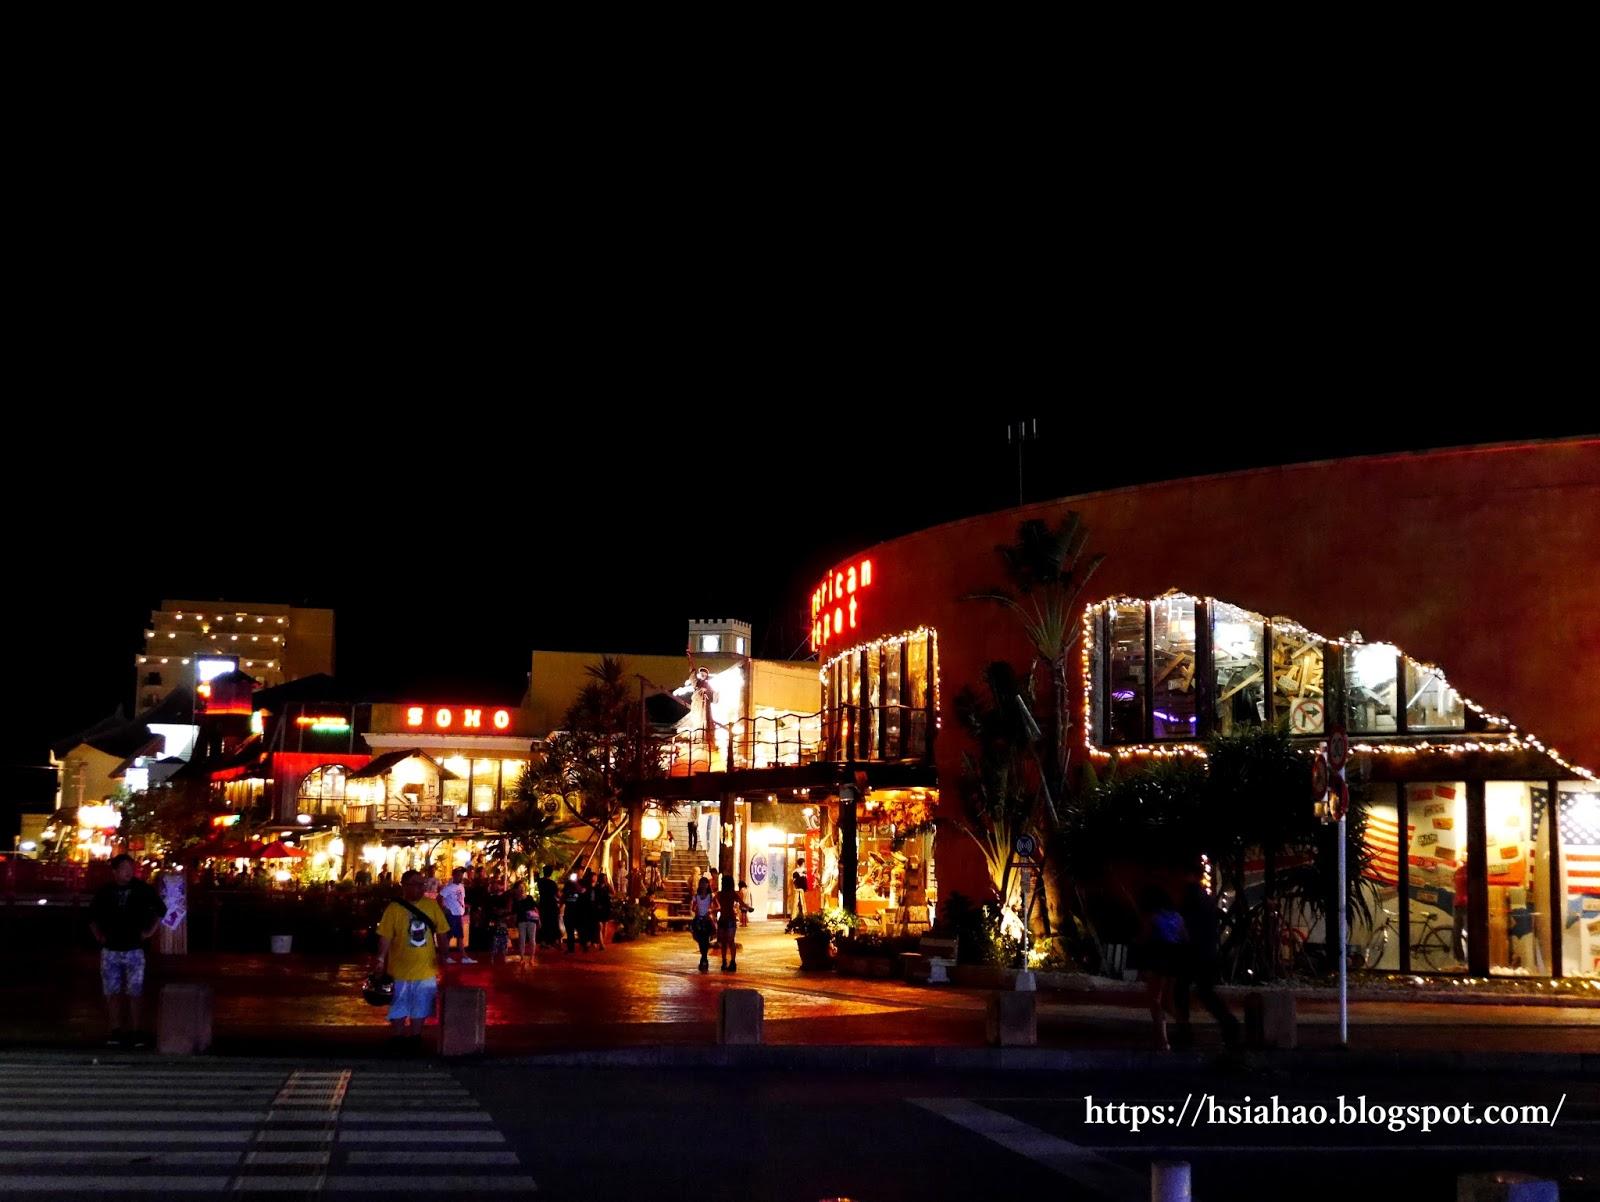 沖繩-美國村景點-推薦-美國村-american-village-自由行-旅遊-Okinawa